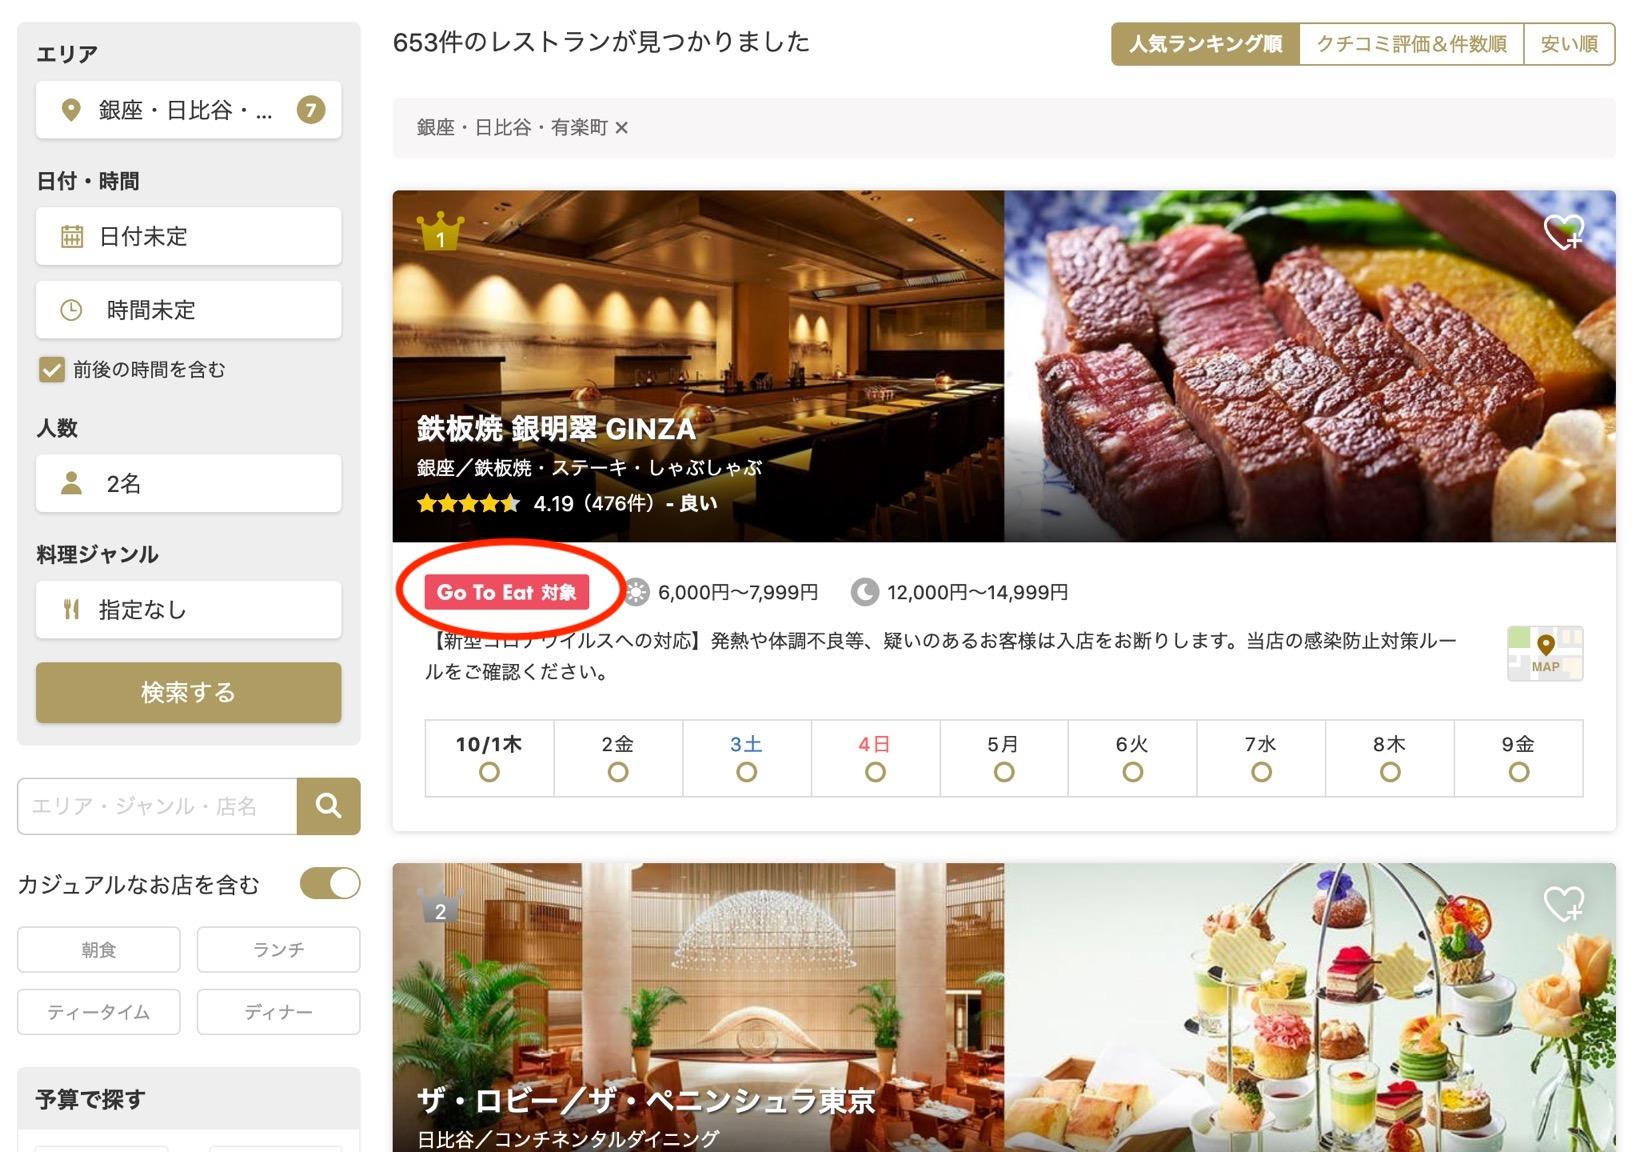 一休.comレストラン予約「GoToEatキャンペーン」:東京の対象店舗